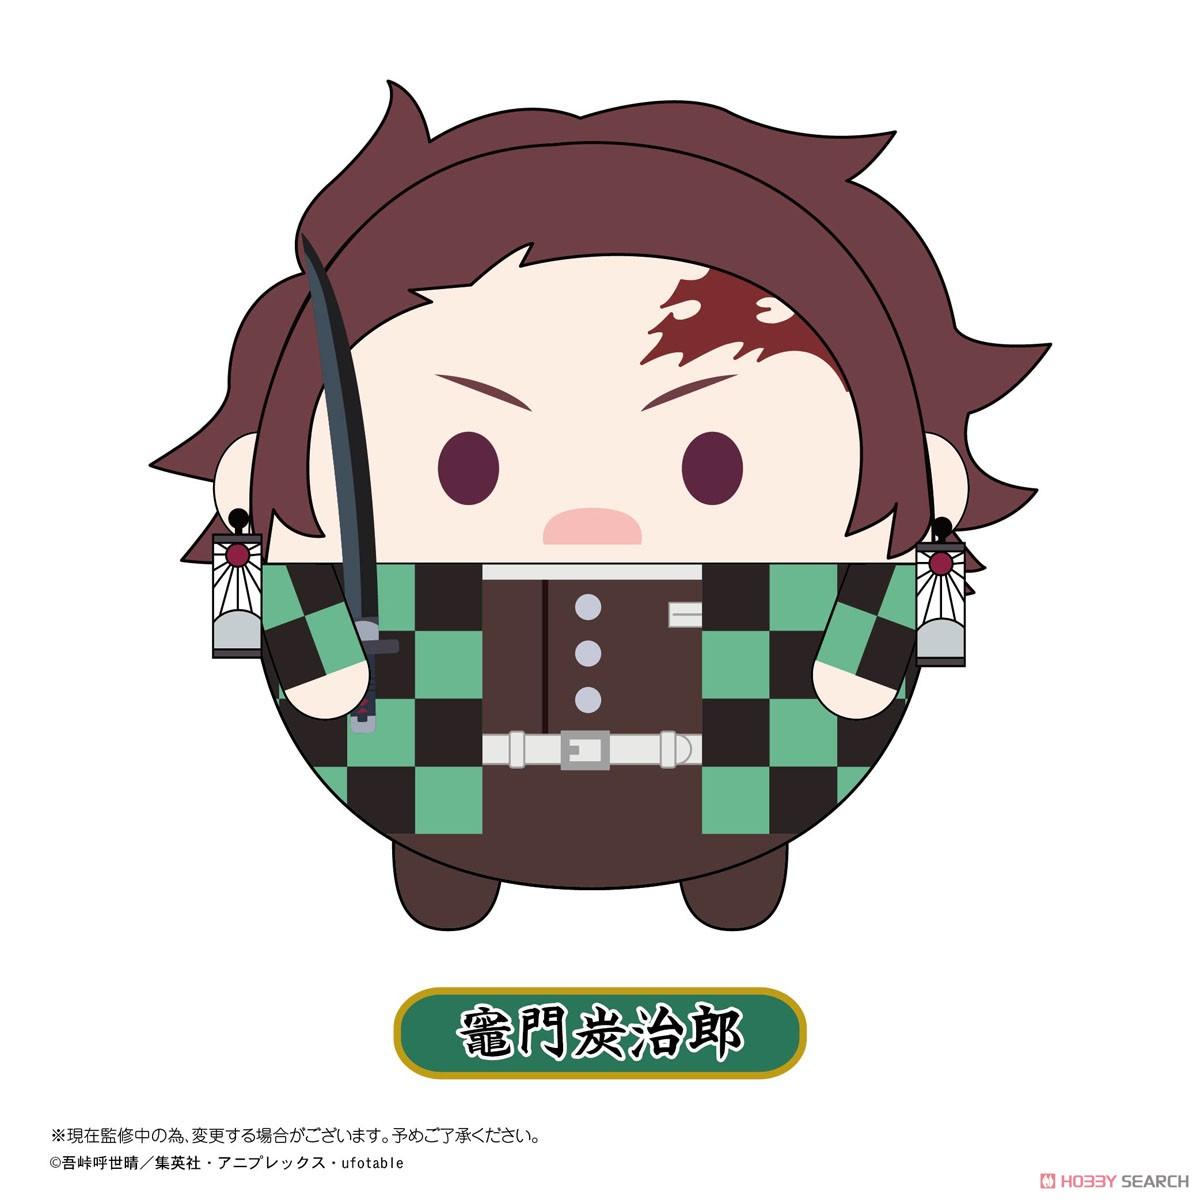 鬼滅の刃『ふわコロりん4』8個入りBOX-001